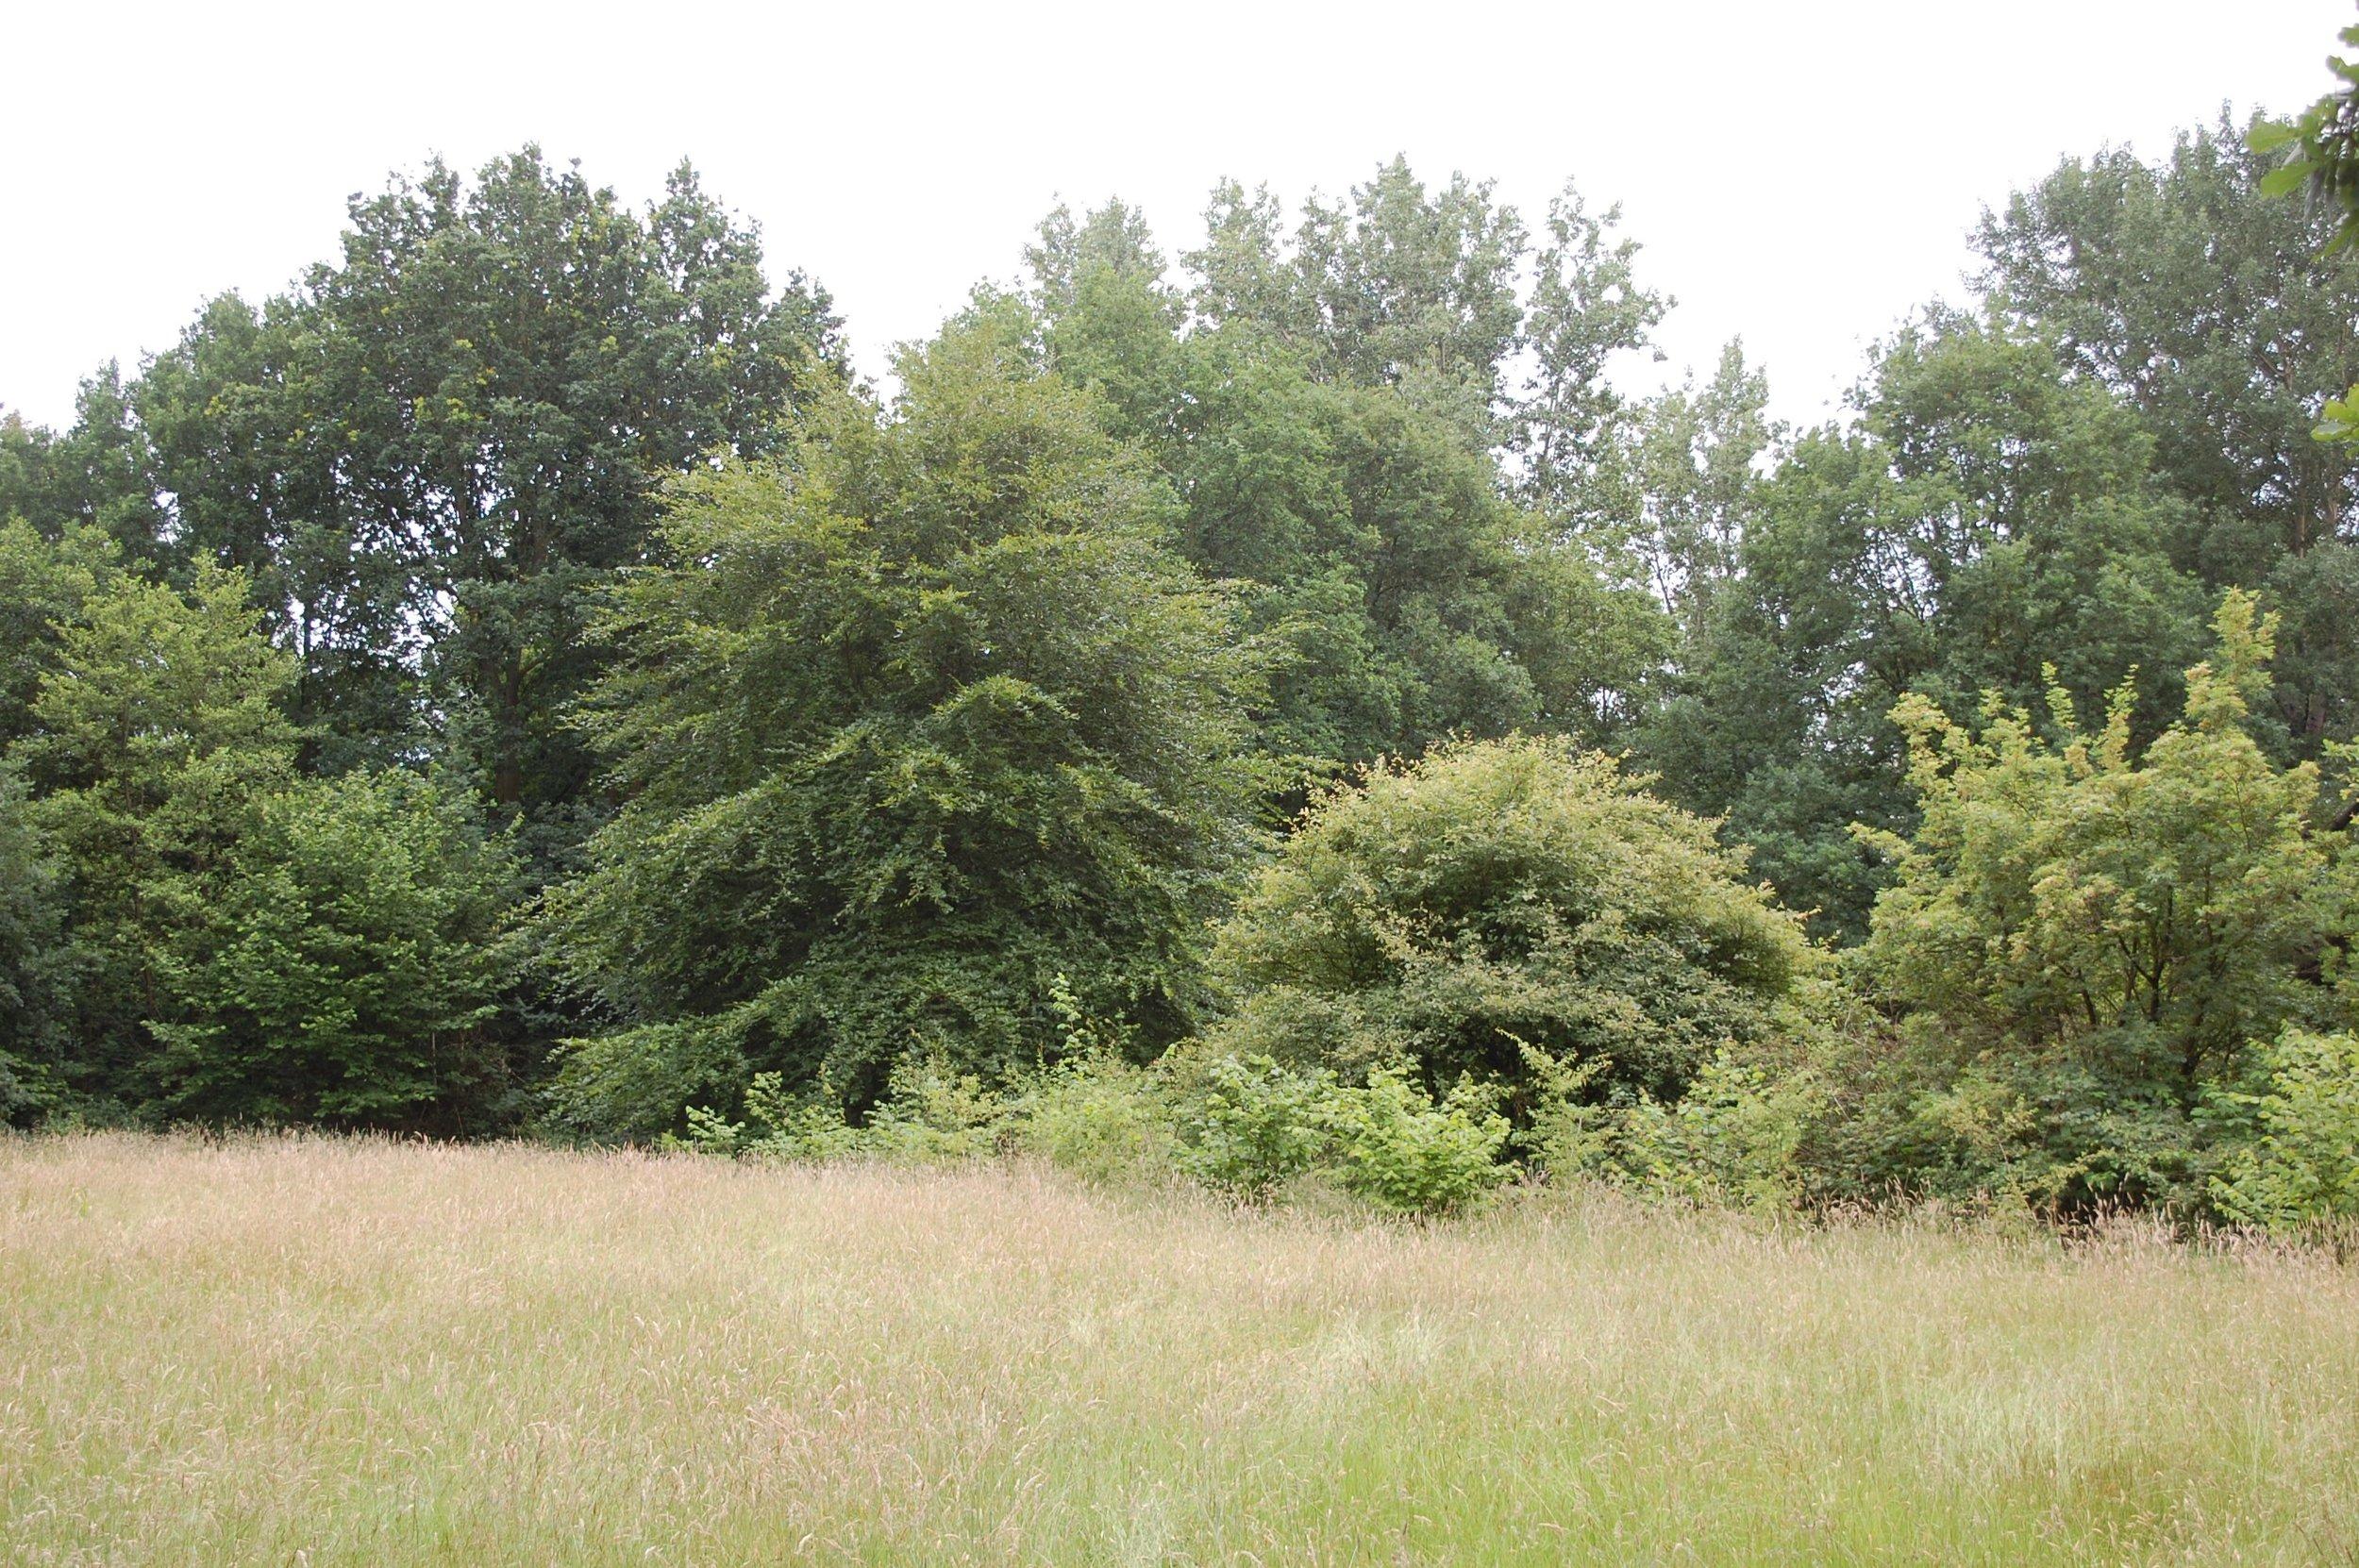 Bosplantsoen   aangeplant (T raditioneel)voorjaar 2013 - nu zomer 2016  goede ontwikkeling, maar heesters zijn pas 1,0 tot 1,50 m hoog en nog niet vruchtdragend